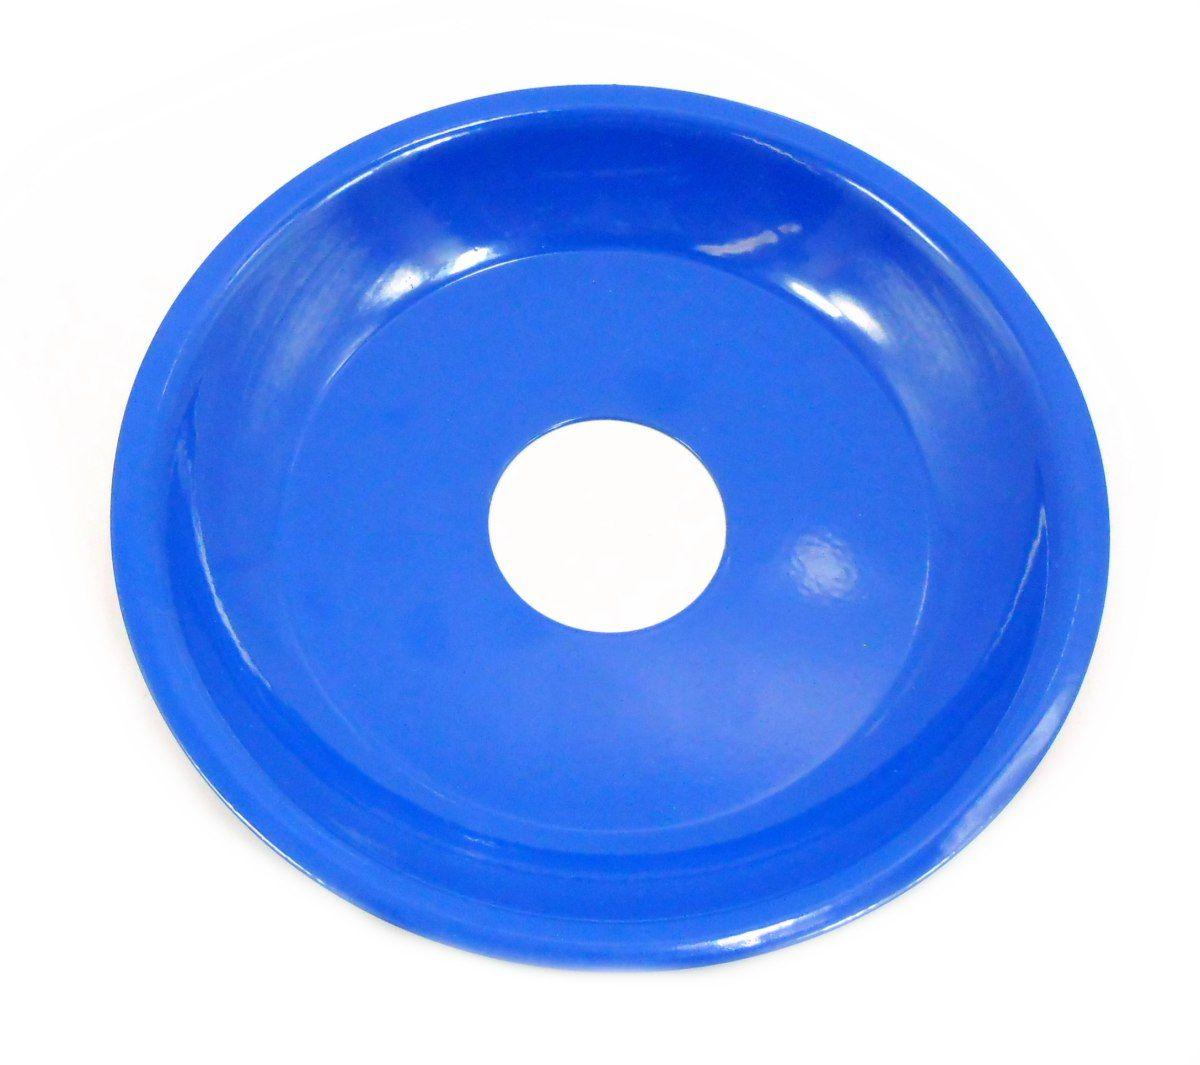 Prato para Narguile 15cm de diâmetro, pintado, 4cm de diâmetro furo. Azul escuro